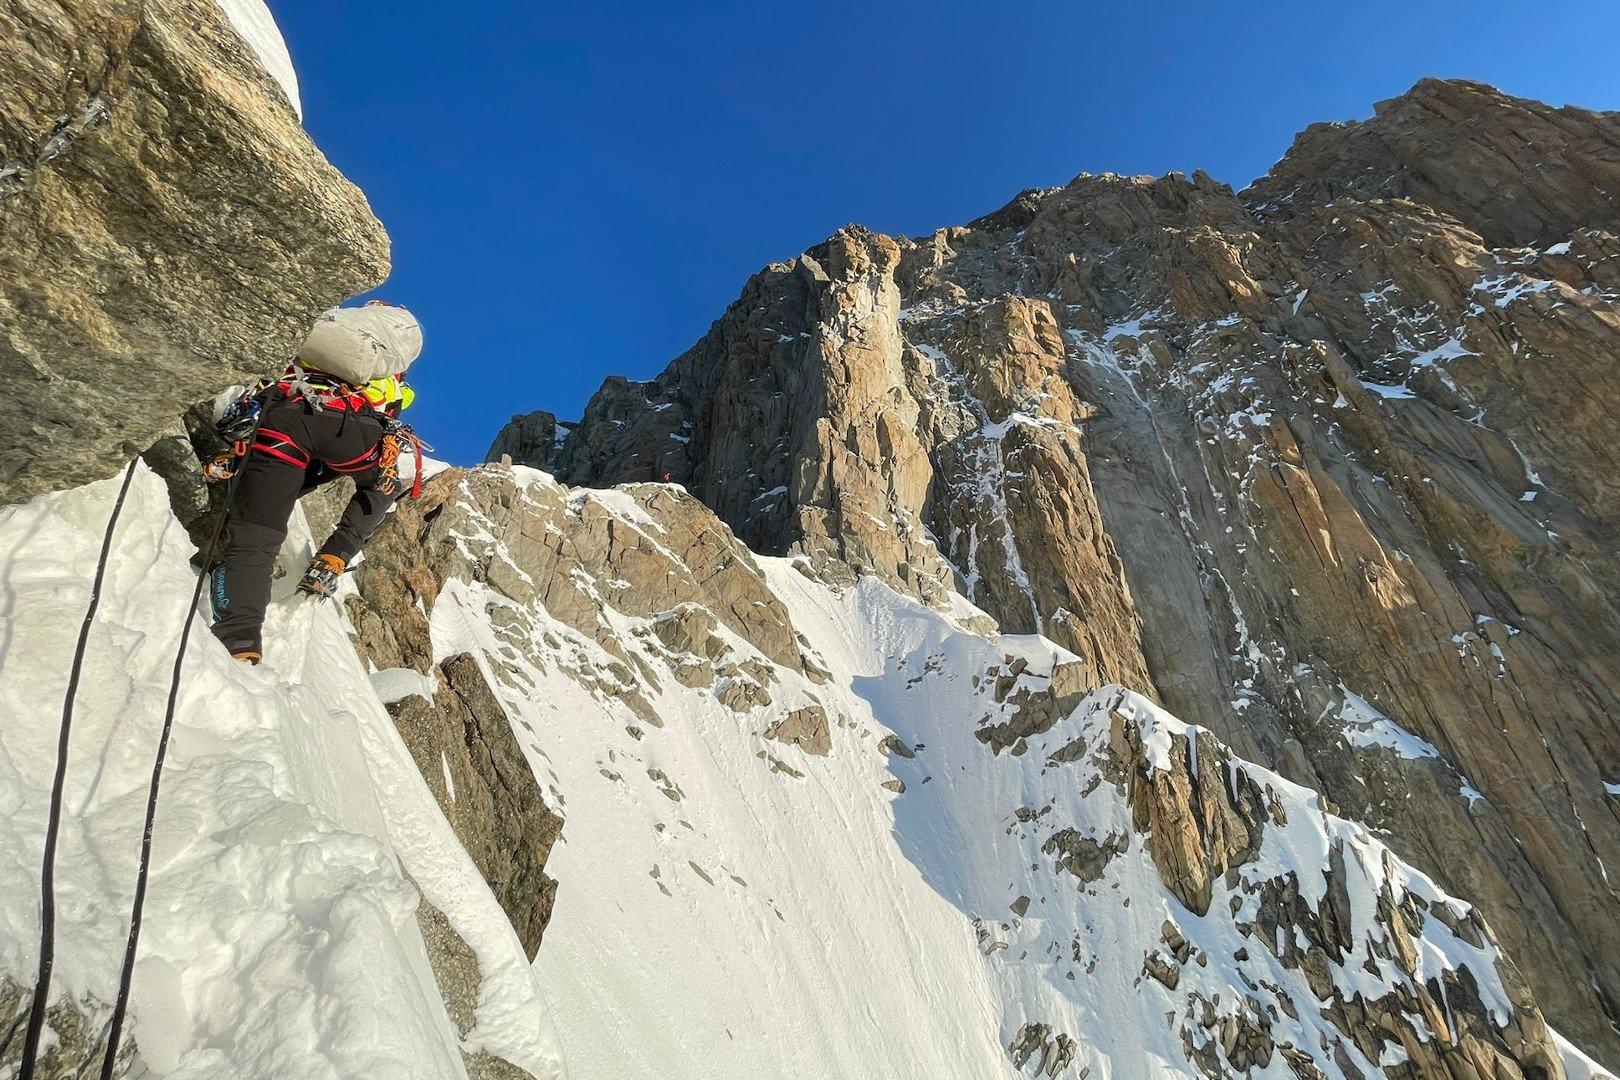 Il Soccorso alpino valdostano salva due alpinisti austriaci bloccati sul Monte Bianco: in due giorni effettuate diciassette operazioni di recupero con l'elicottero